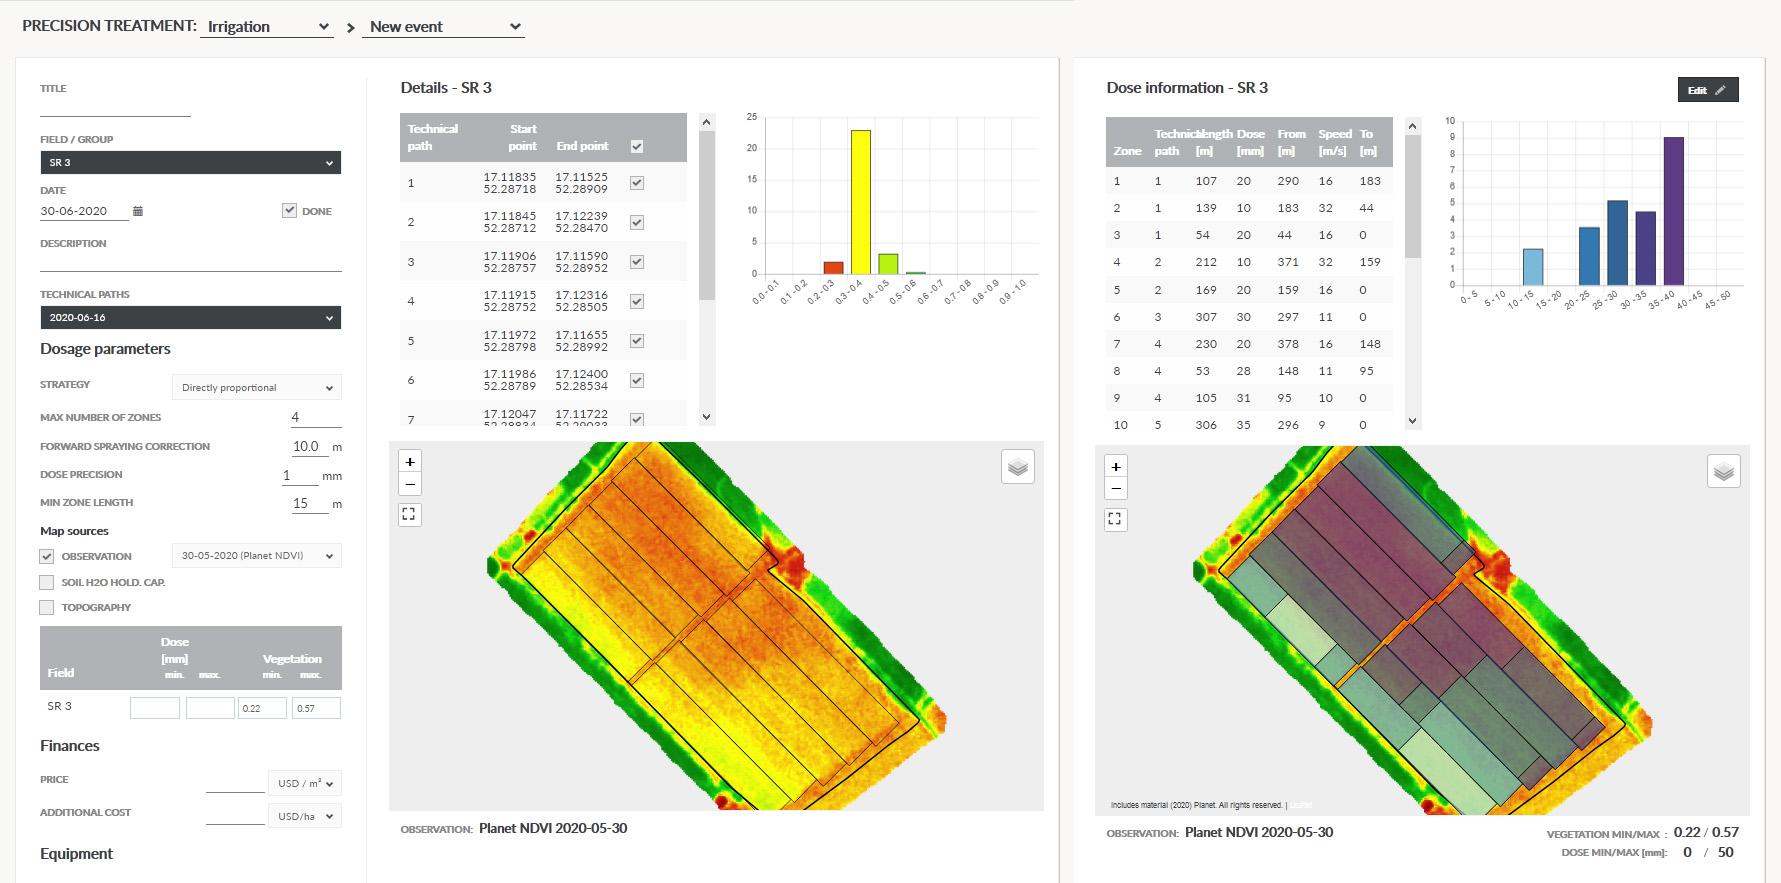 Captura de pantalla del nuevo módulo de irrigación de precisión.